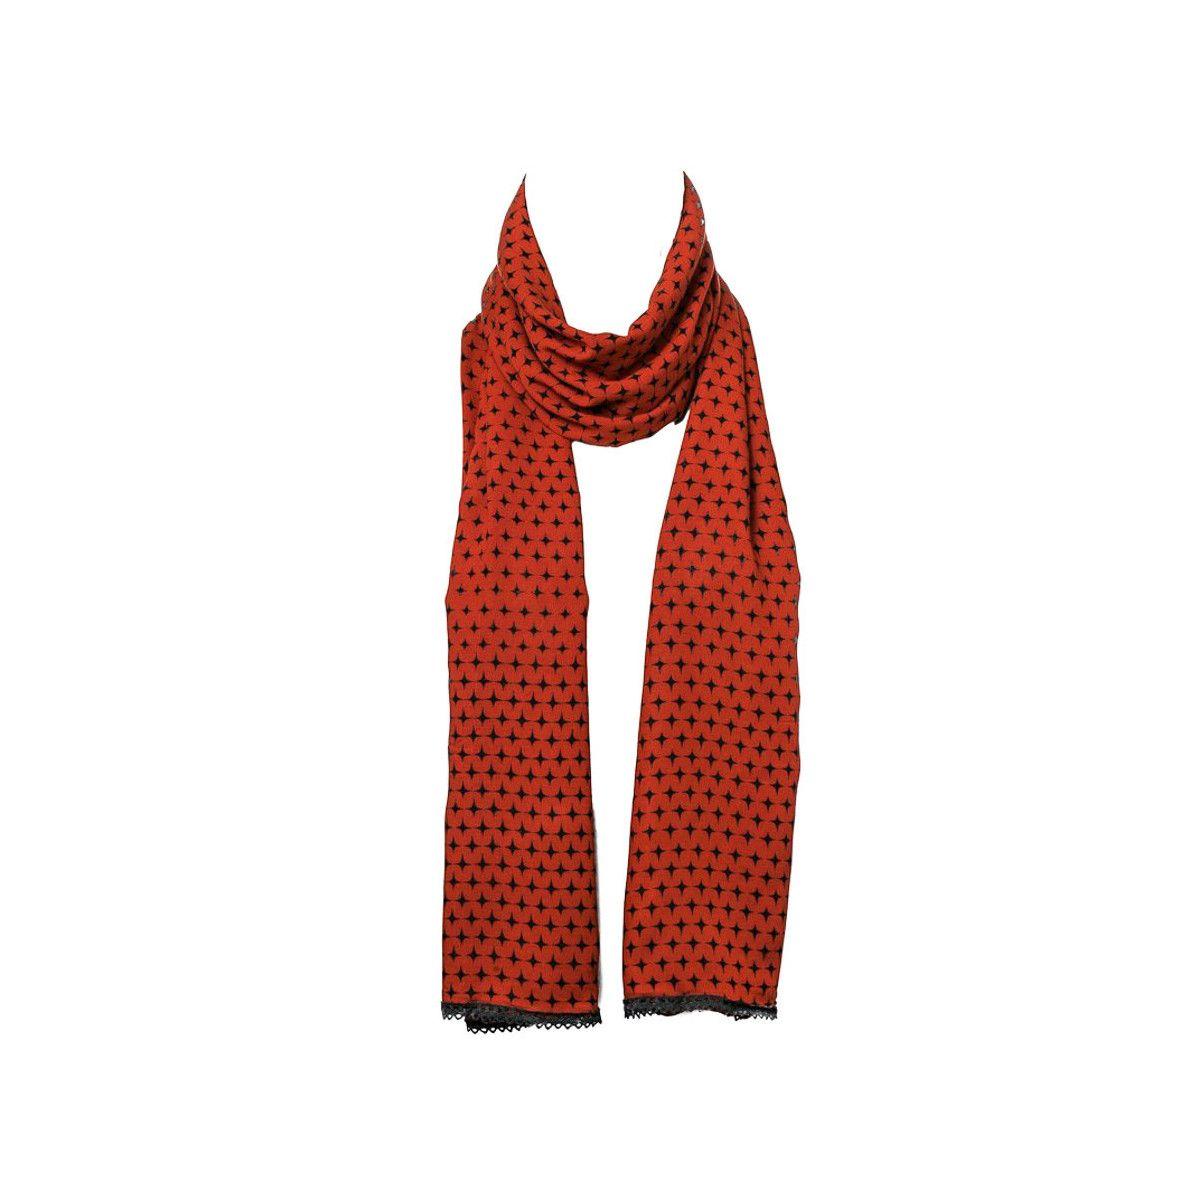 Chèche foulard femme coton marron ocre et noir